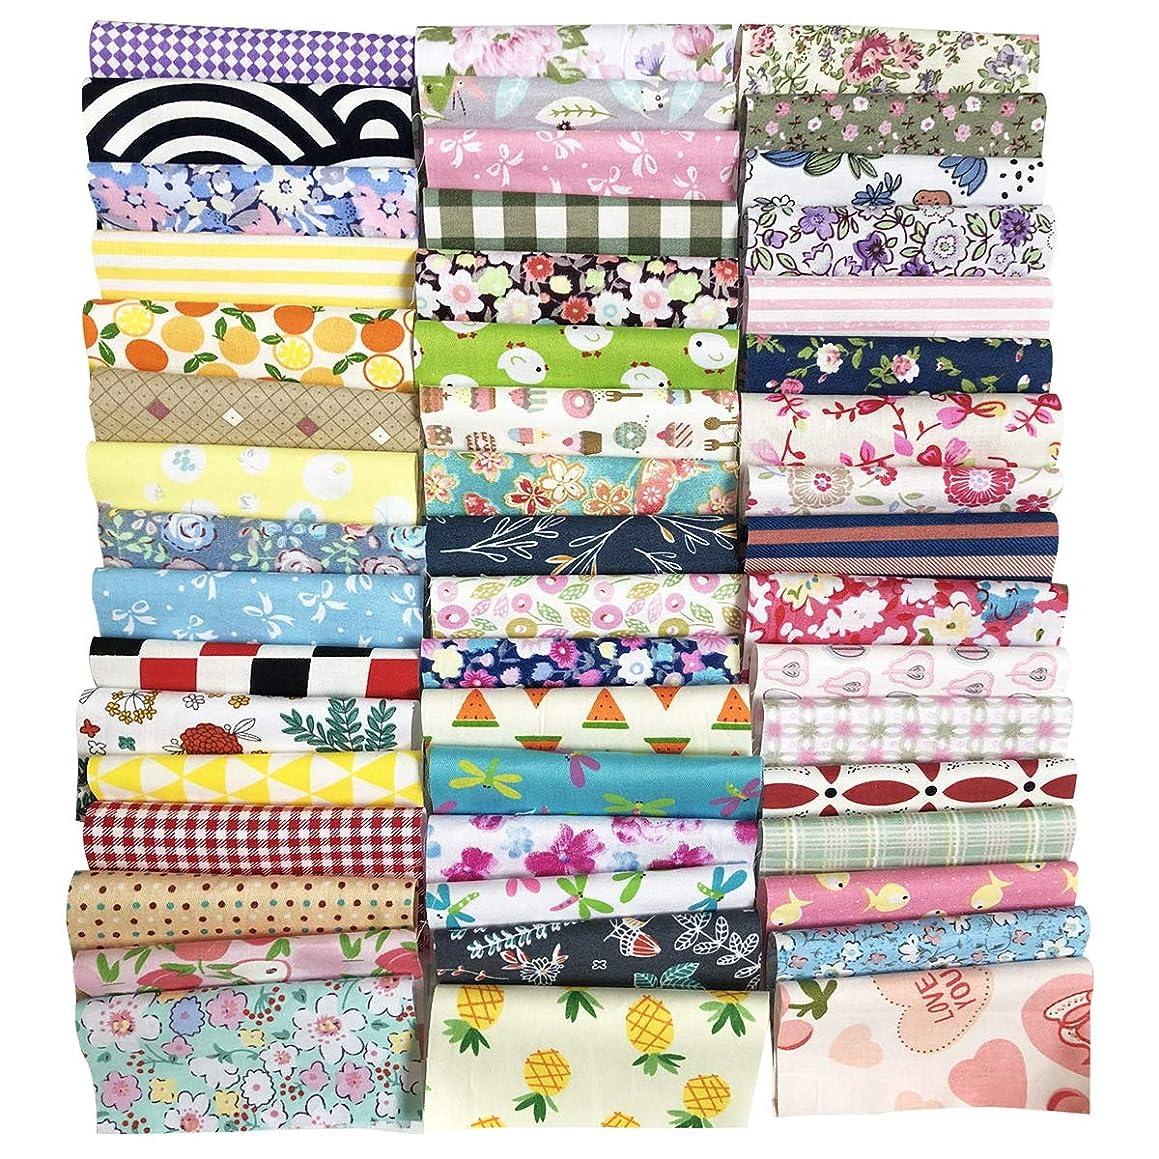 levylisa 200 PCS(10.2cmx10.2cm)100% Precut Cotton Fabric Bundles, DIY Sewing Quarters Bundle, Cotton Quarter Fabric Bundle, Precut Fabric, Quilting Fabric Bundles, Precut Quilt Kit, Vintage Sheet